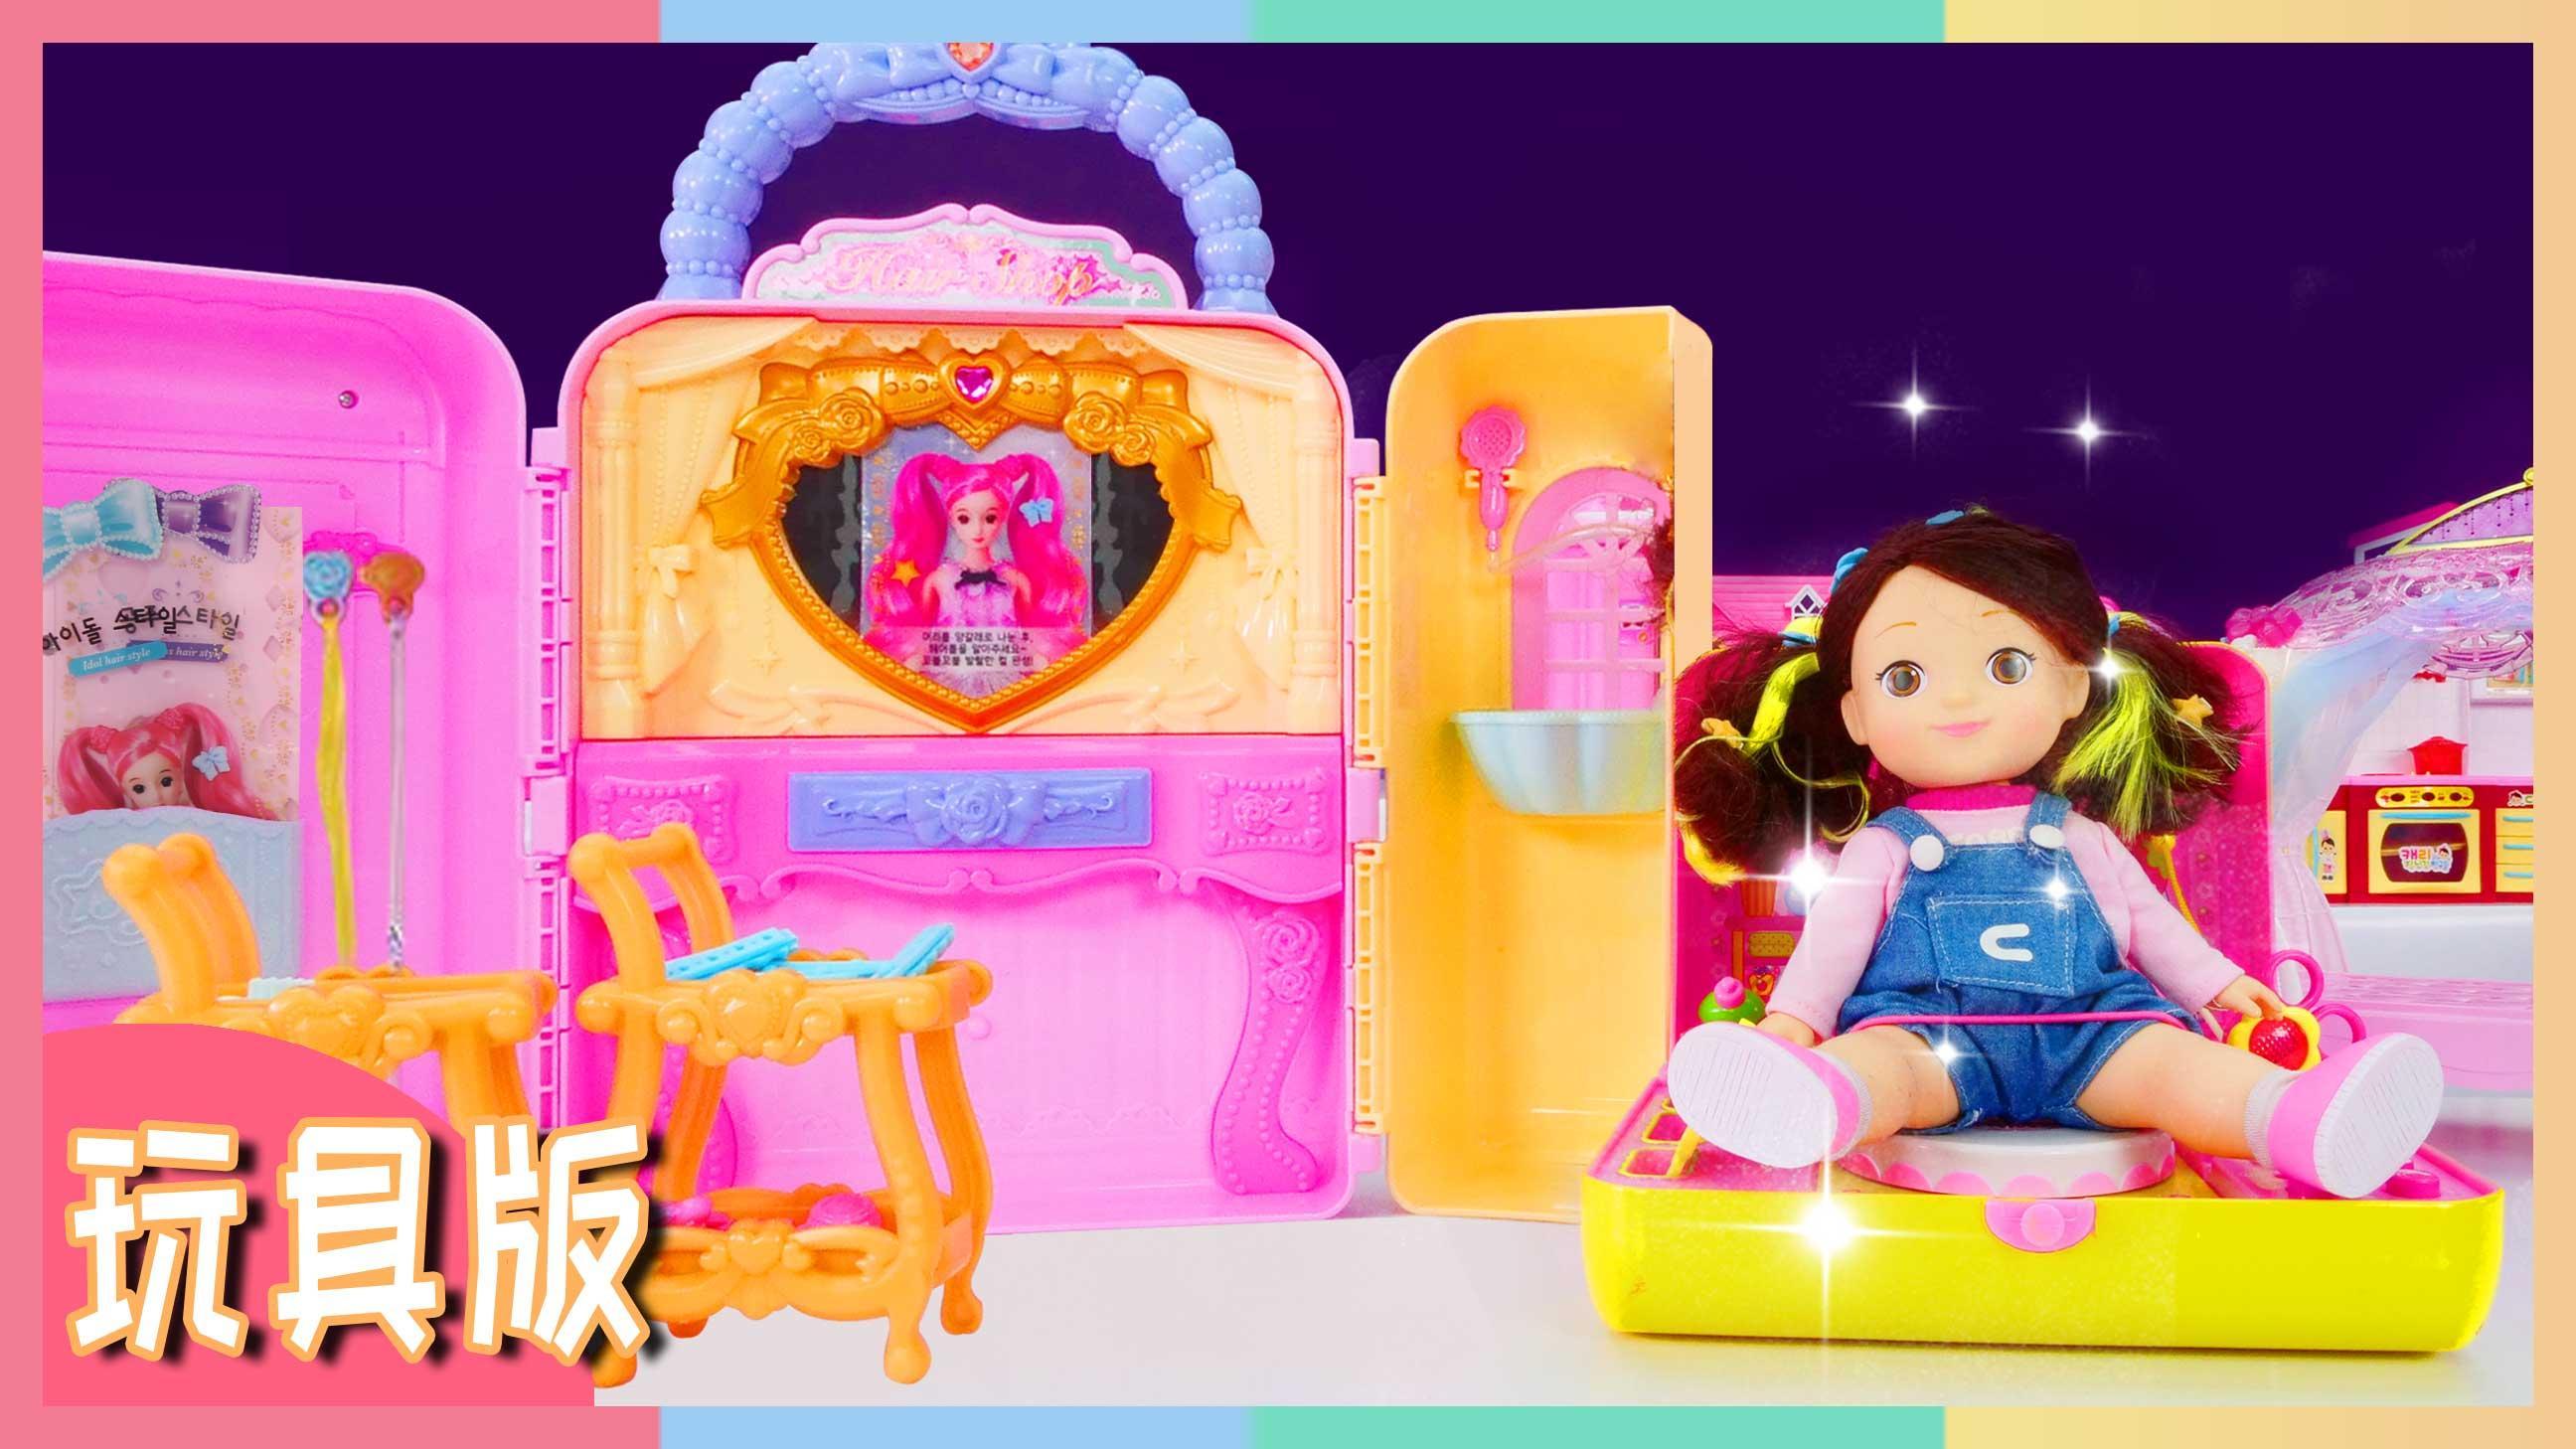 小凯利的三种公主发型大公开(玩具版)| 凯利和玩具朋友们 CarrieAndToys